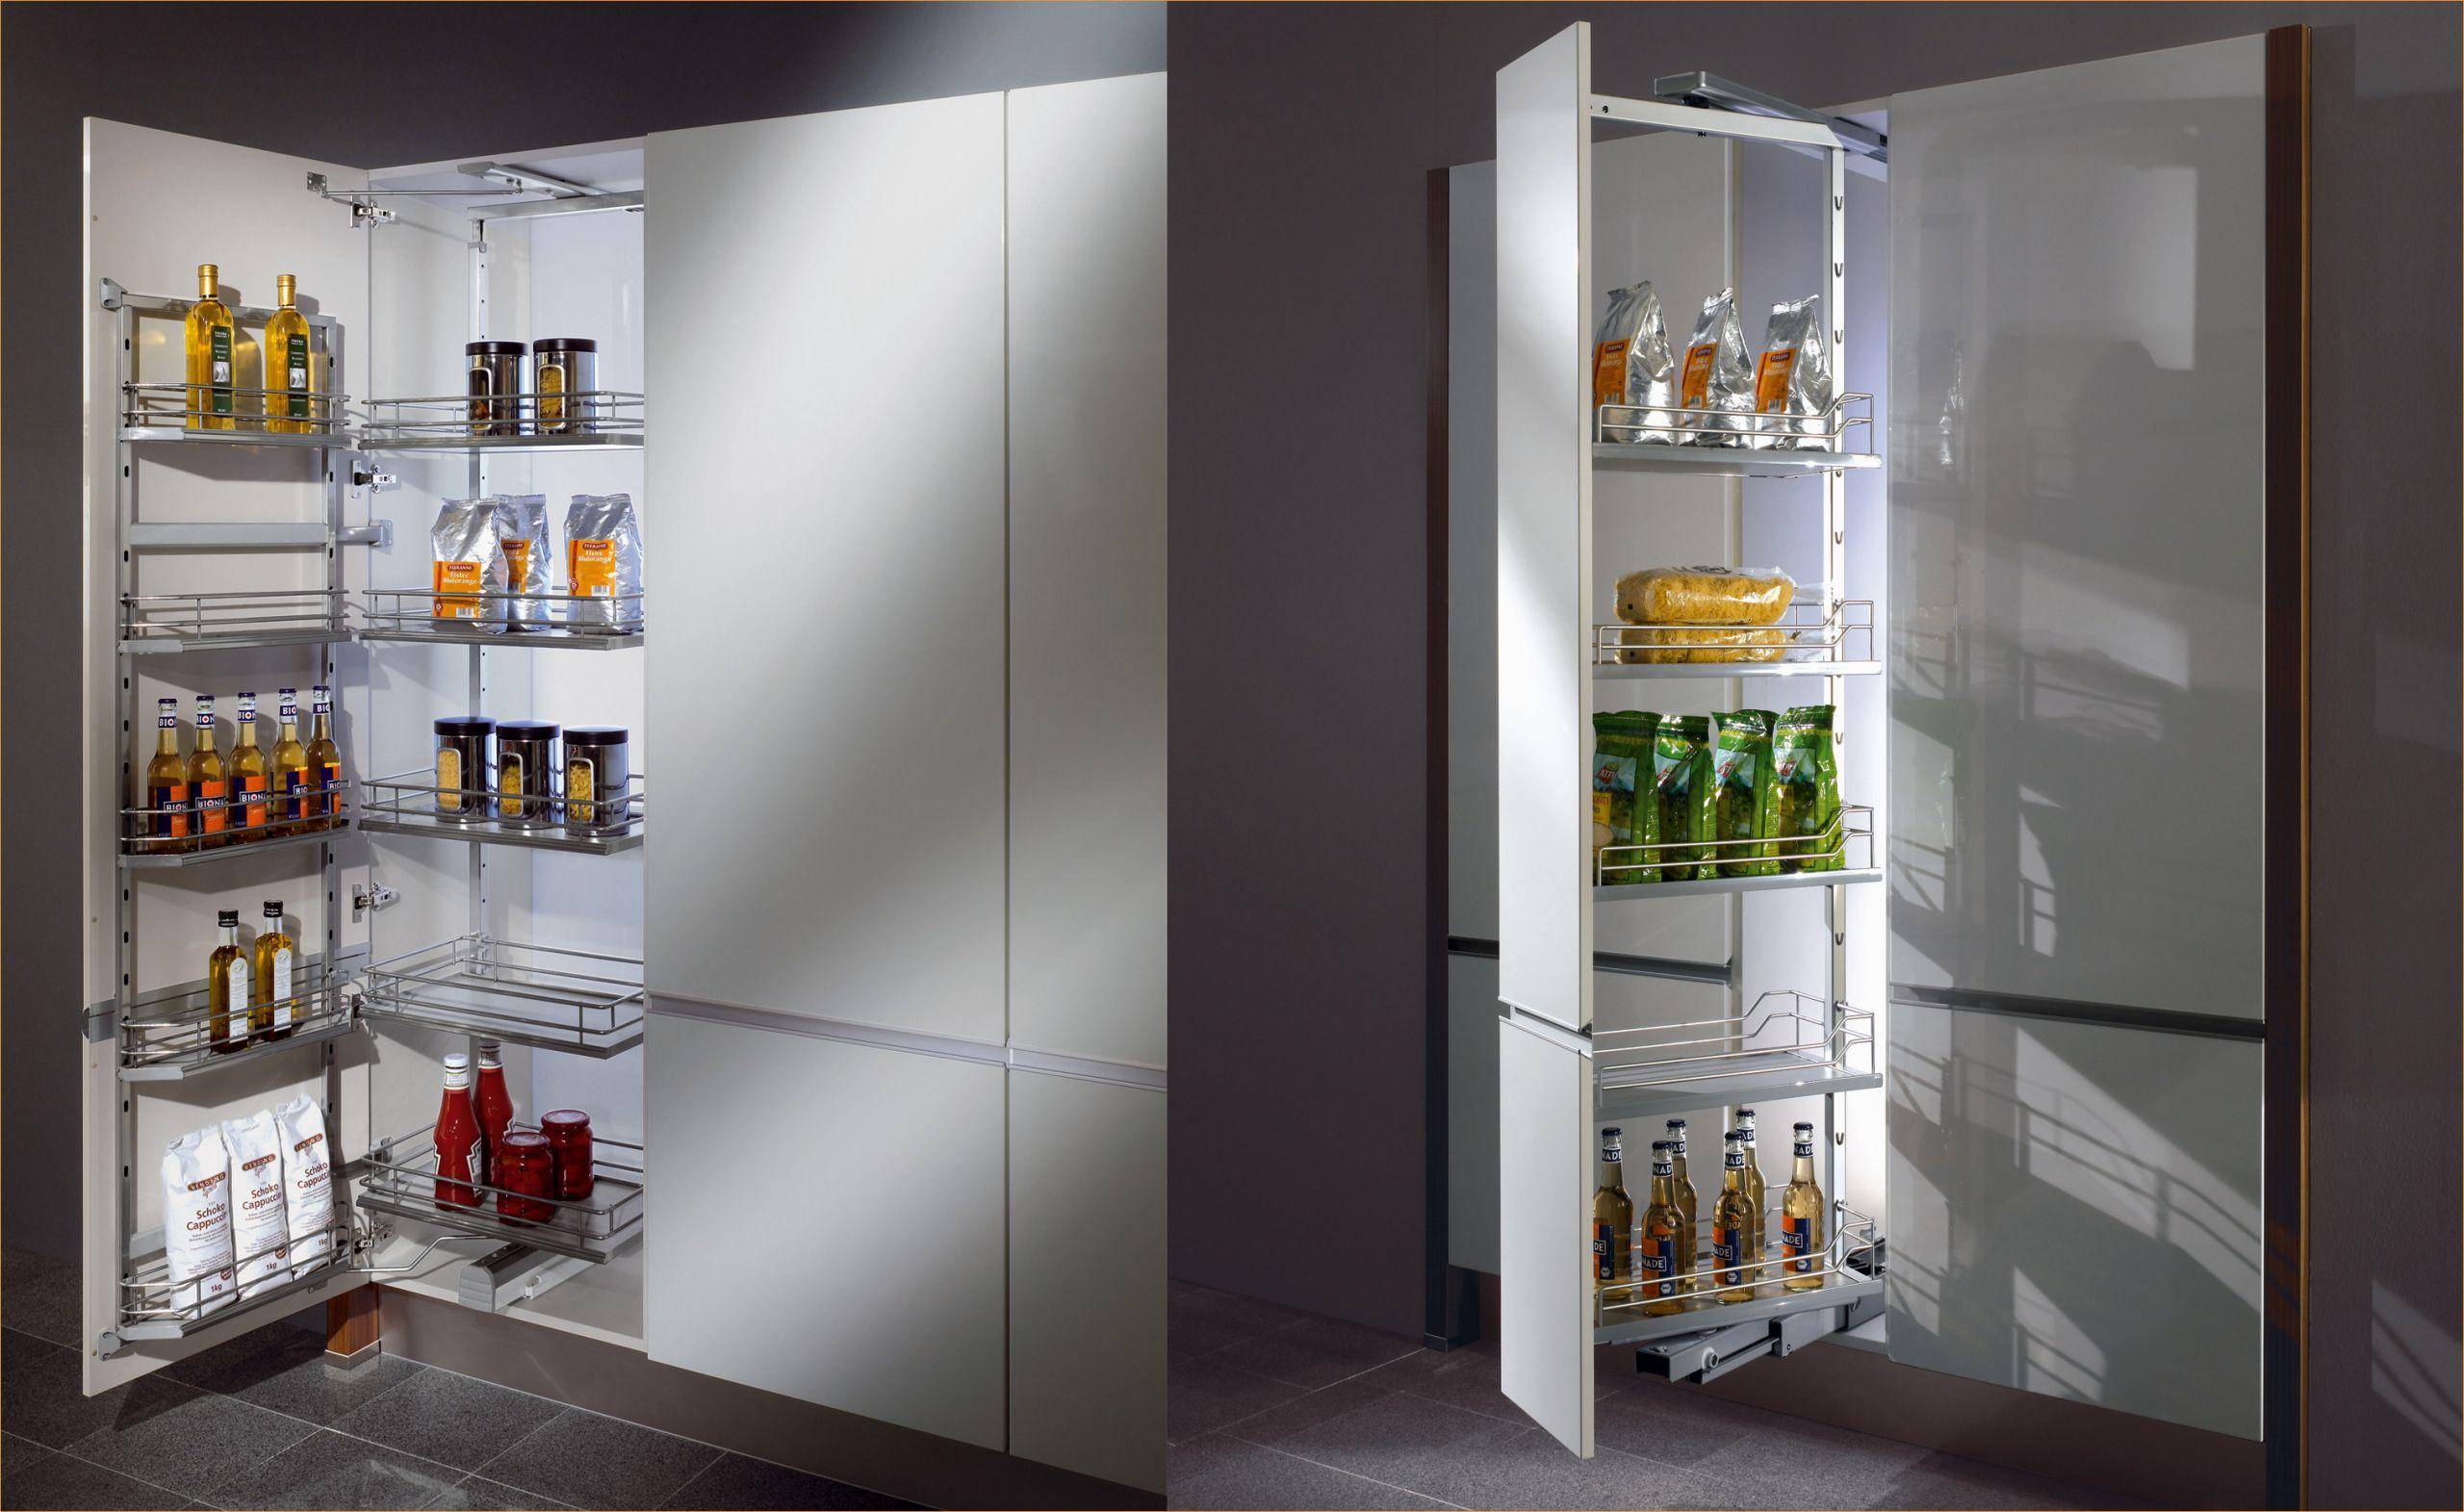 Full Size of Kche Apothekerschrank 25 Cm Breit Schn Küchen Regal Wohnzimmer Lidl Küchen